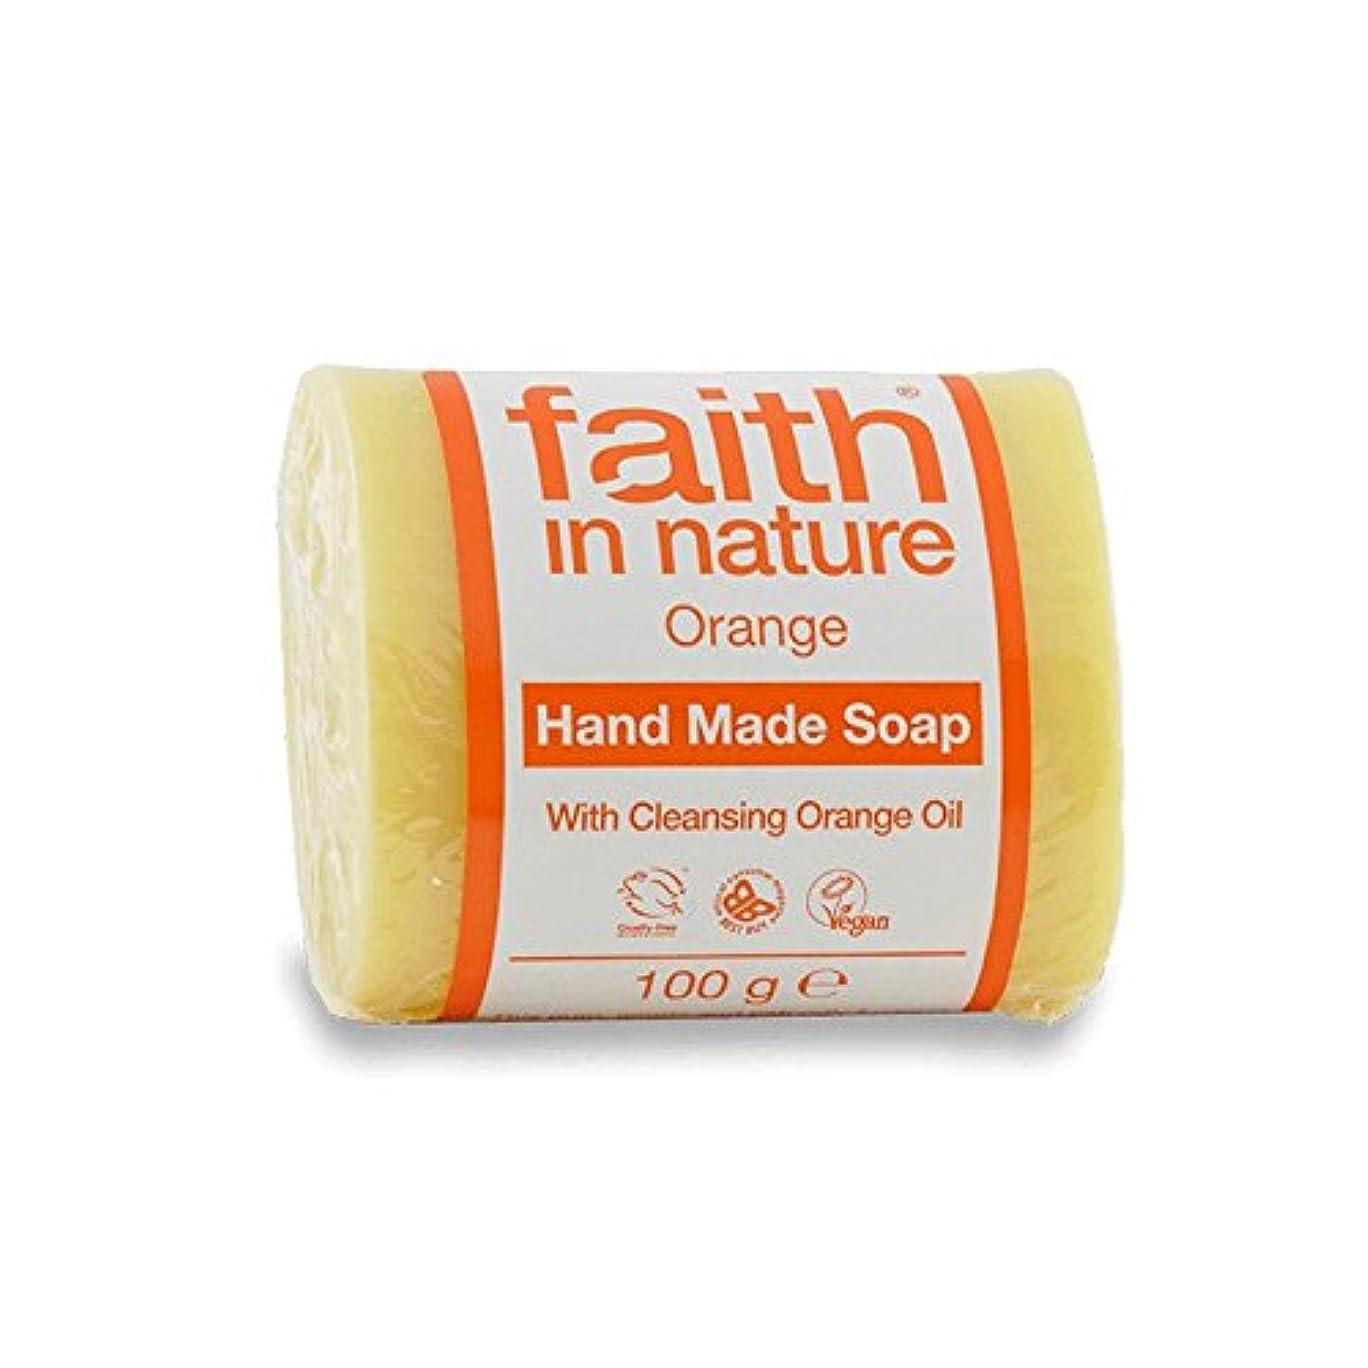 監査絵裕福な自然オレンジ色の石鹸100グラムの信仰 - Faith in Nature Orange Soap 100g (Faith in Nature) [並行輸入品]